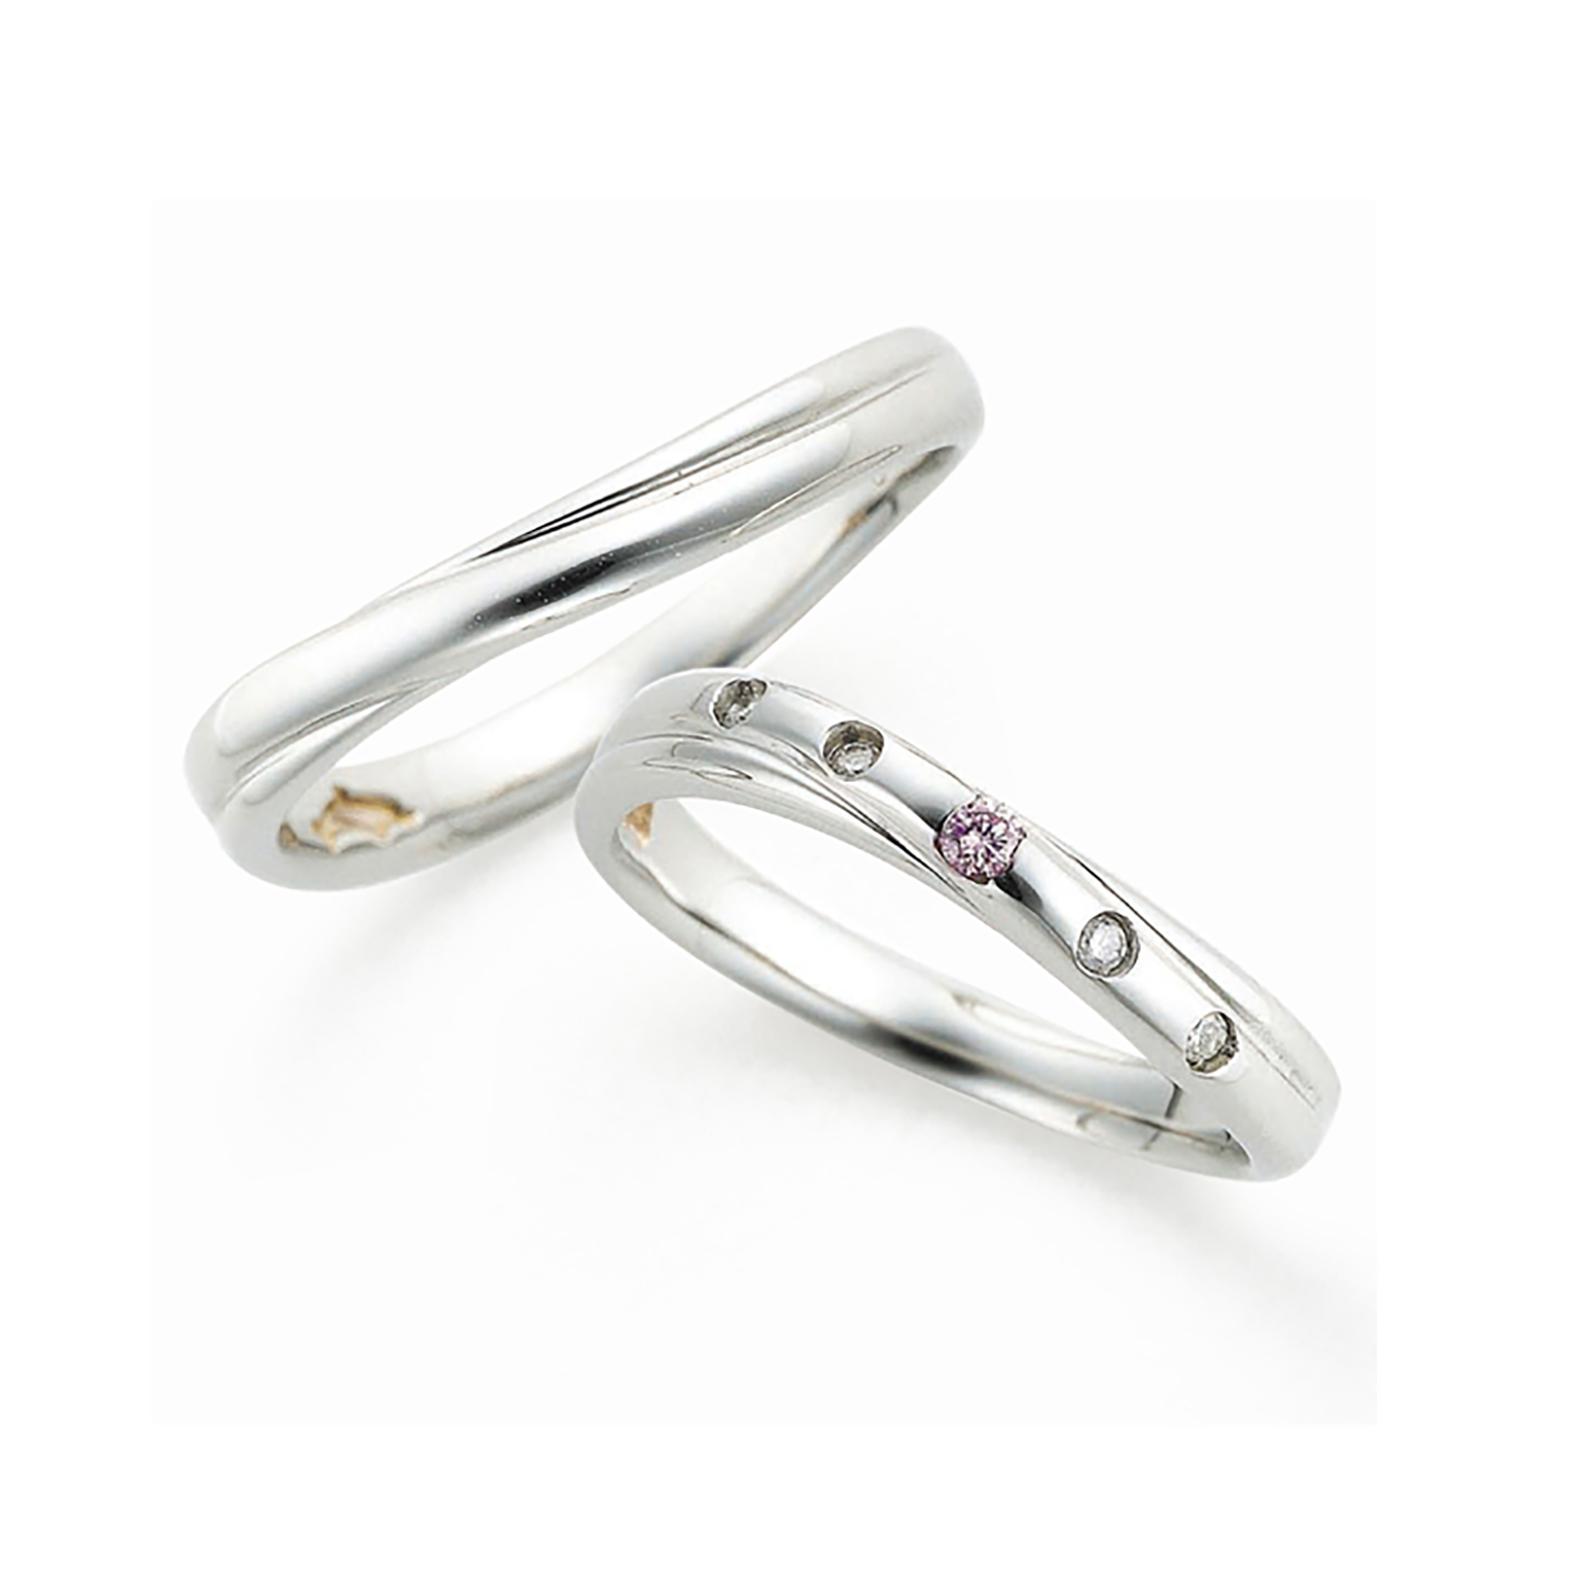 クロスラインのボリューム感のある結婚指輪(マリッジリング)レディースには天然ピンクダイヤモンドとホワイトメレダイヤモンドがドットの様に入っています。